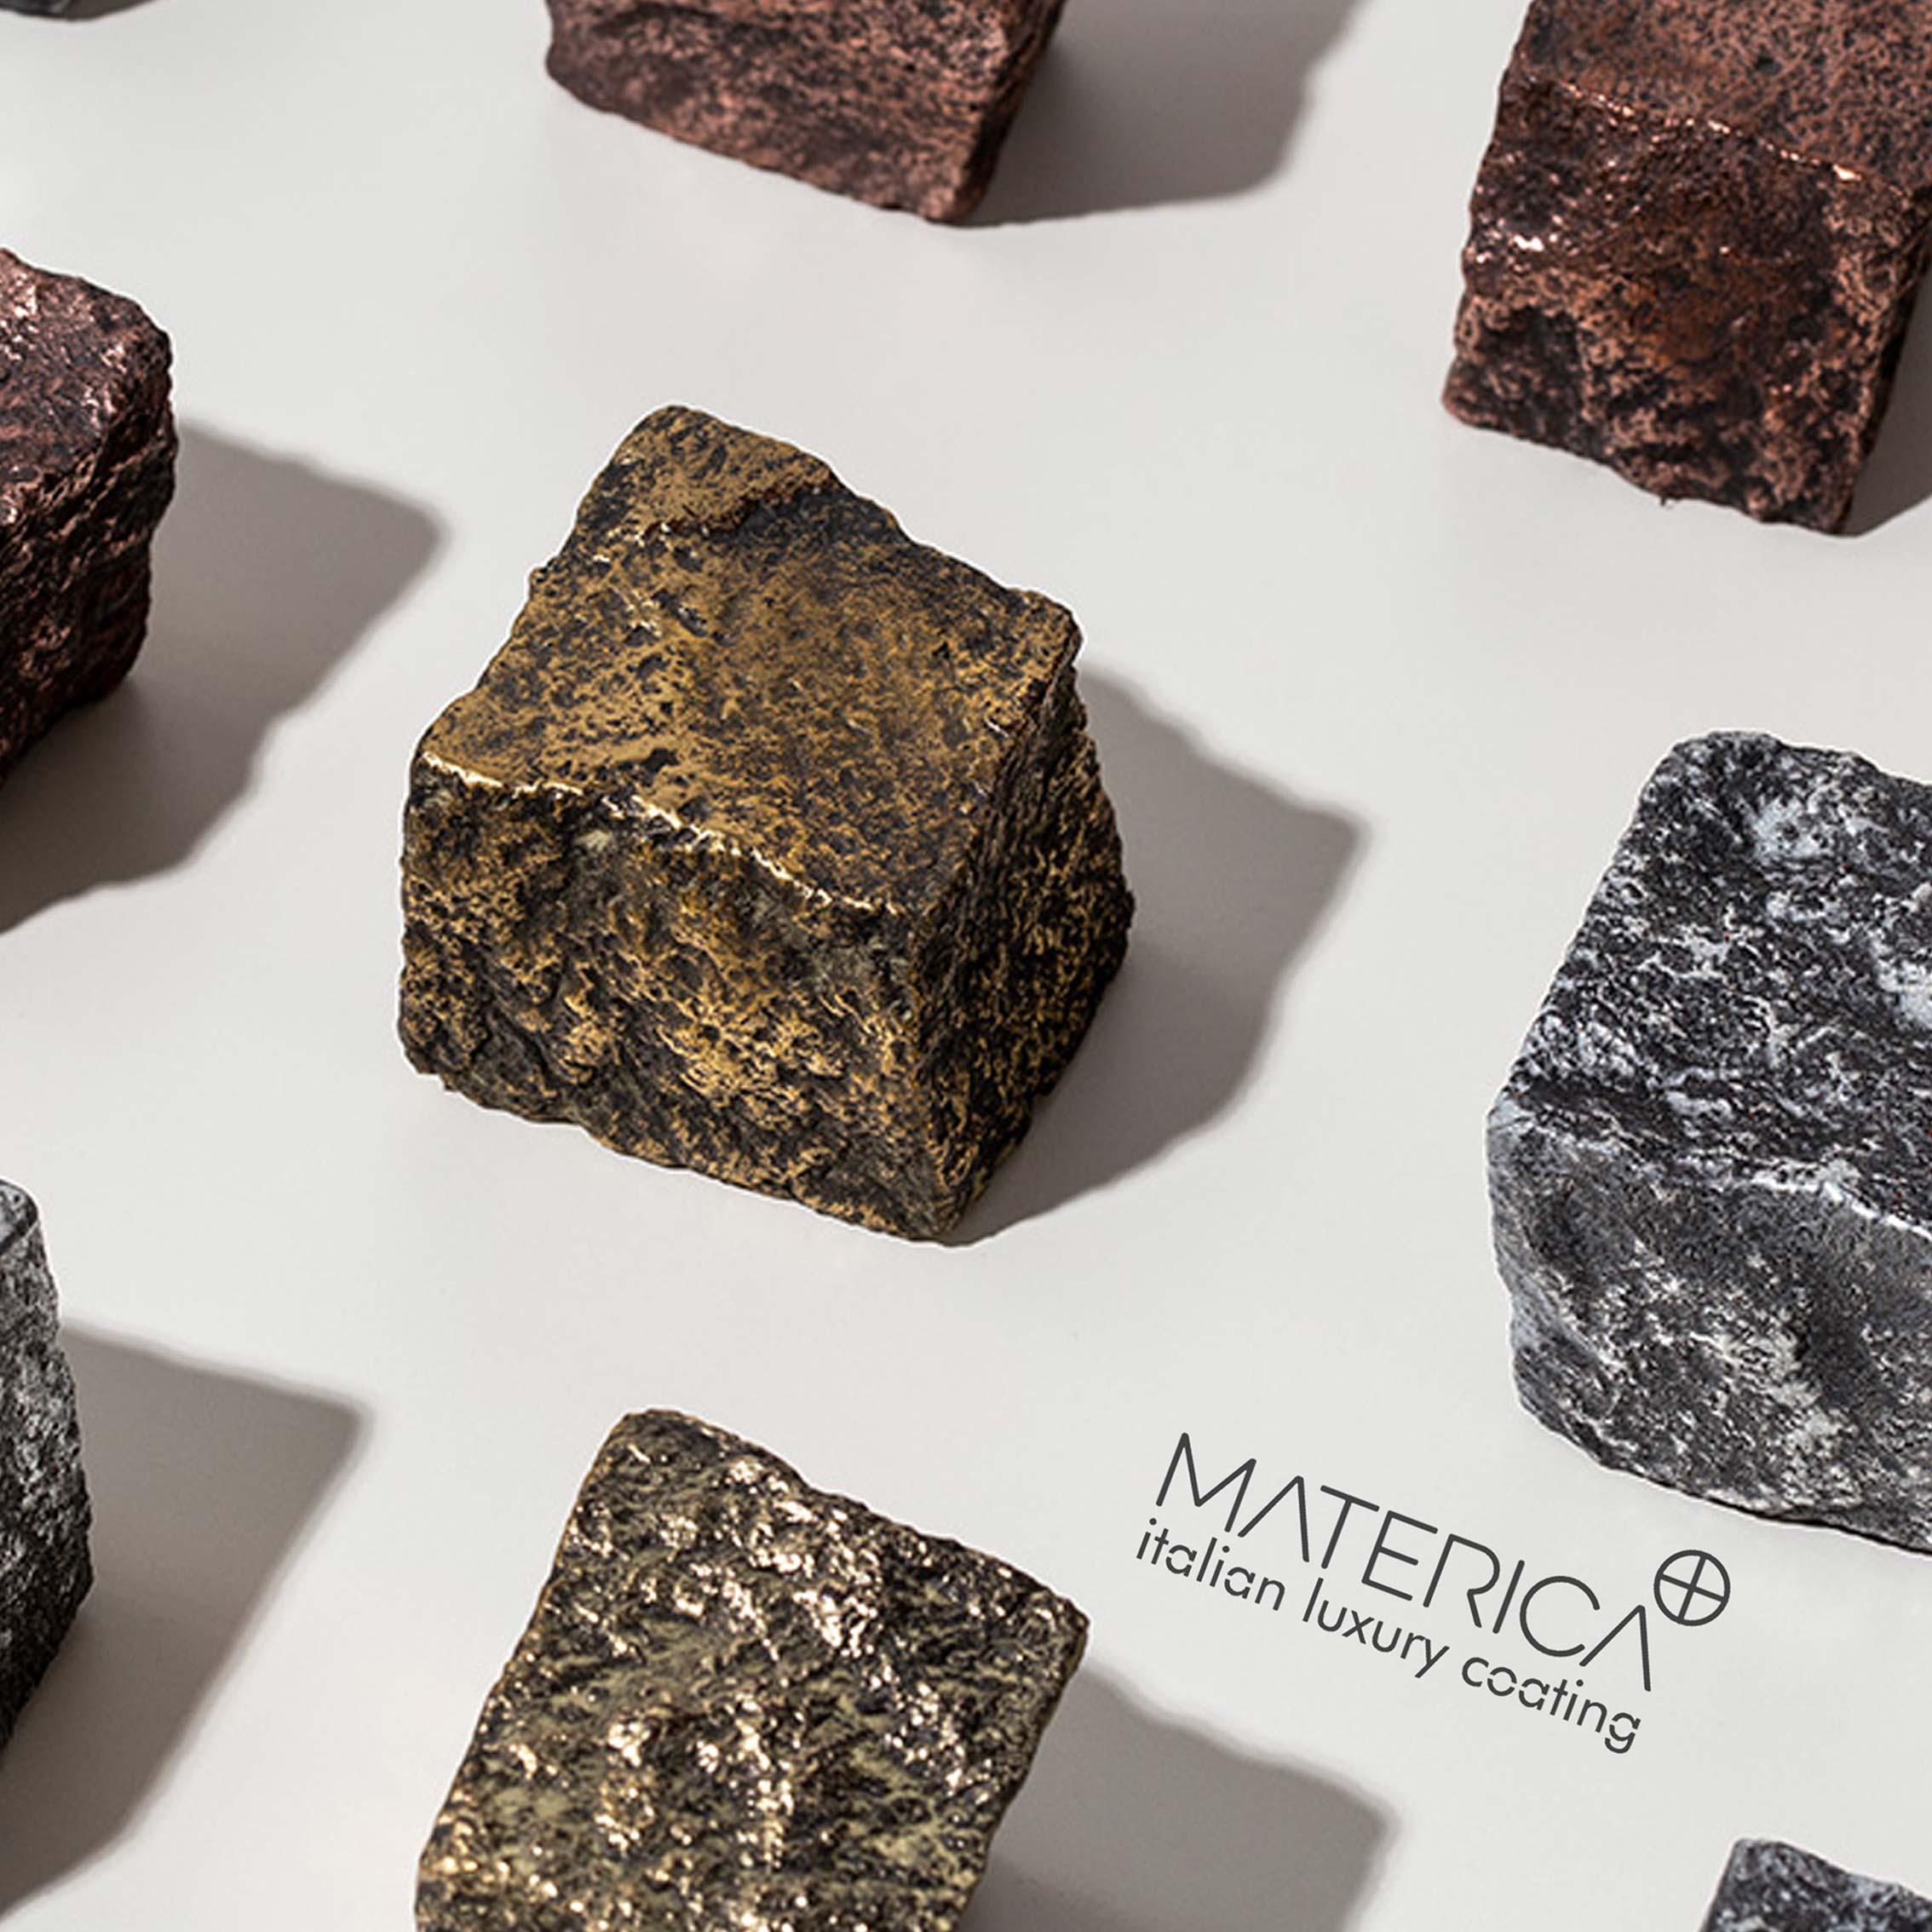 Materica_1B